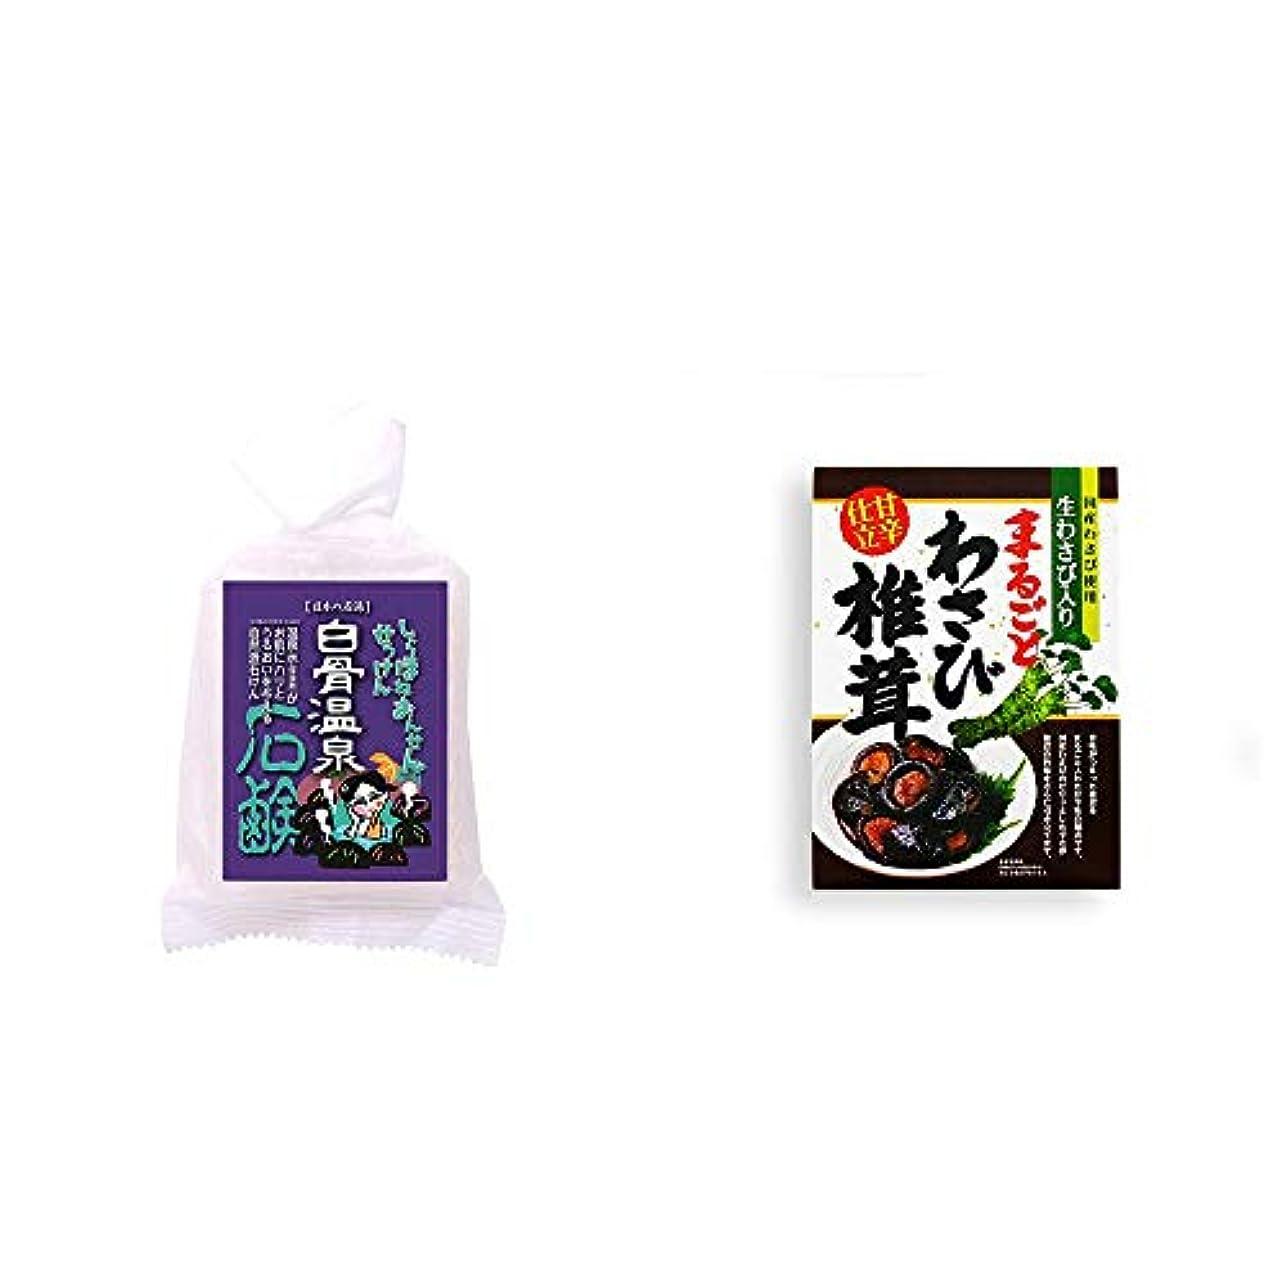 軽食ライオンマーティフィールディング[2点セット] 信州 白骨温泉石鹸(80g)?まるごとわさび椎茸(200g)